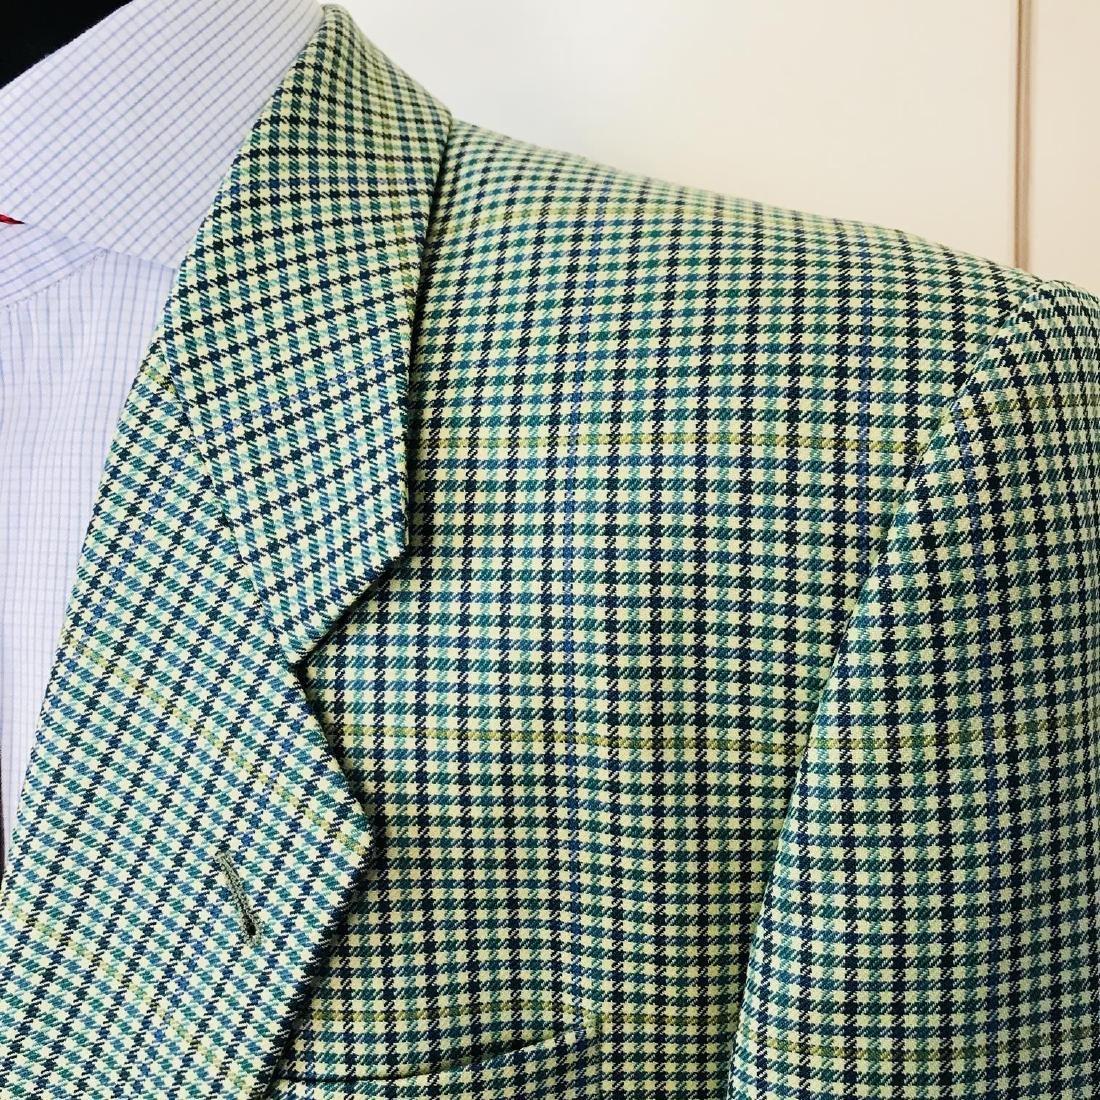 Vintage Men's Jacket Blazer Size US 42 EUR 52 - 3